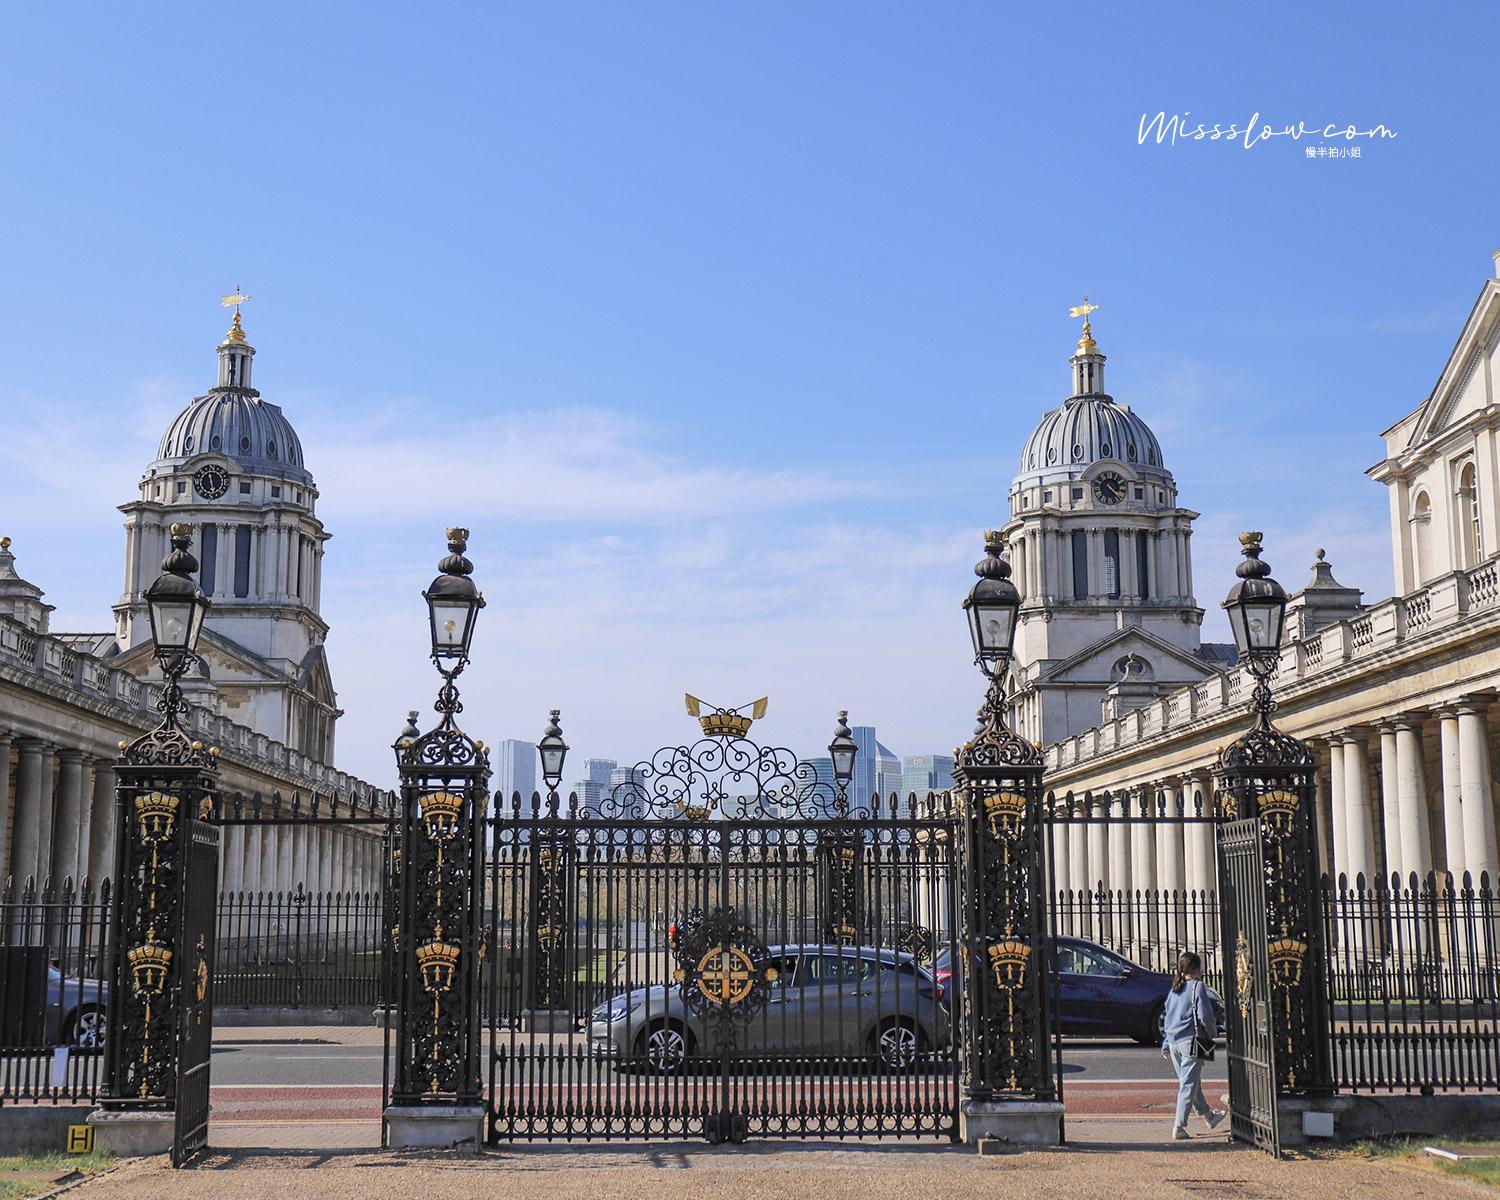 舊皇家海軍學院Old Royal Naval College